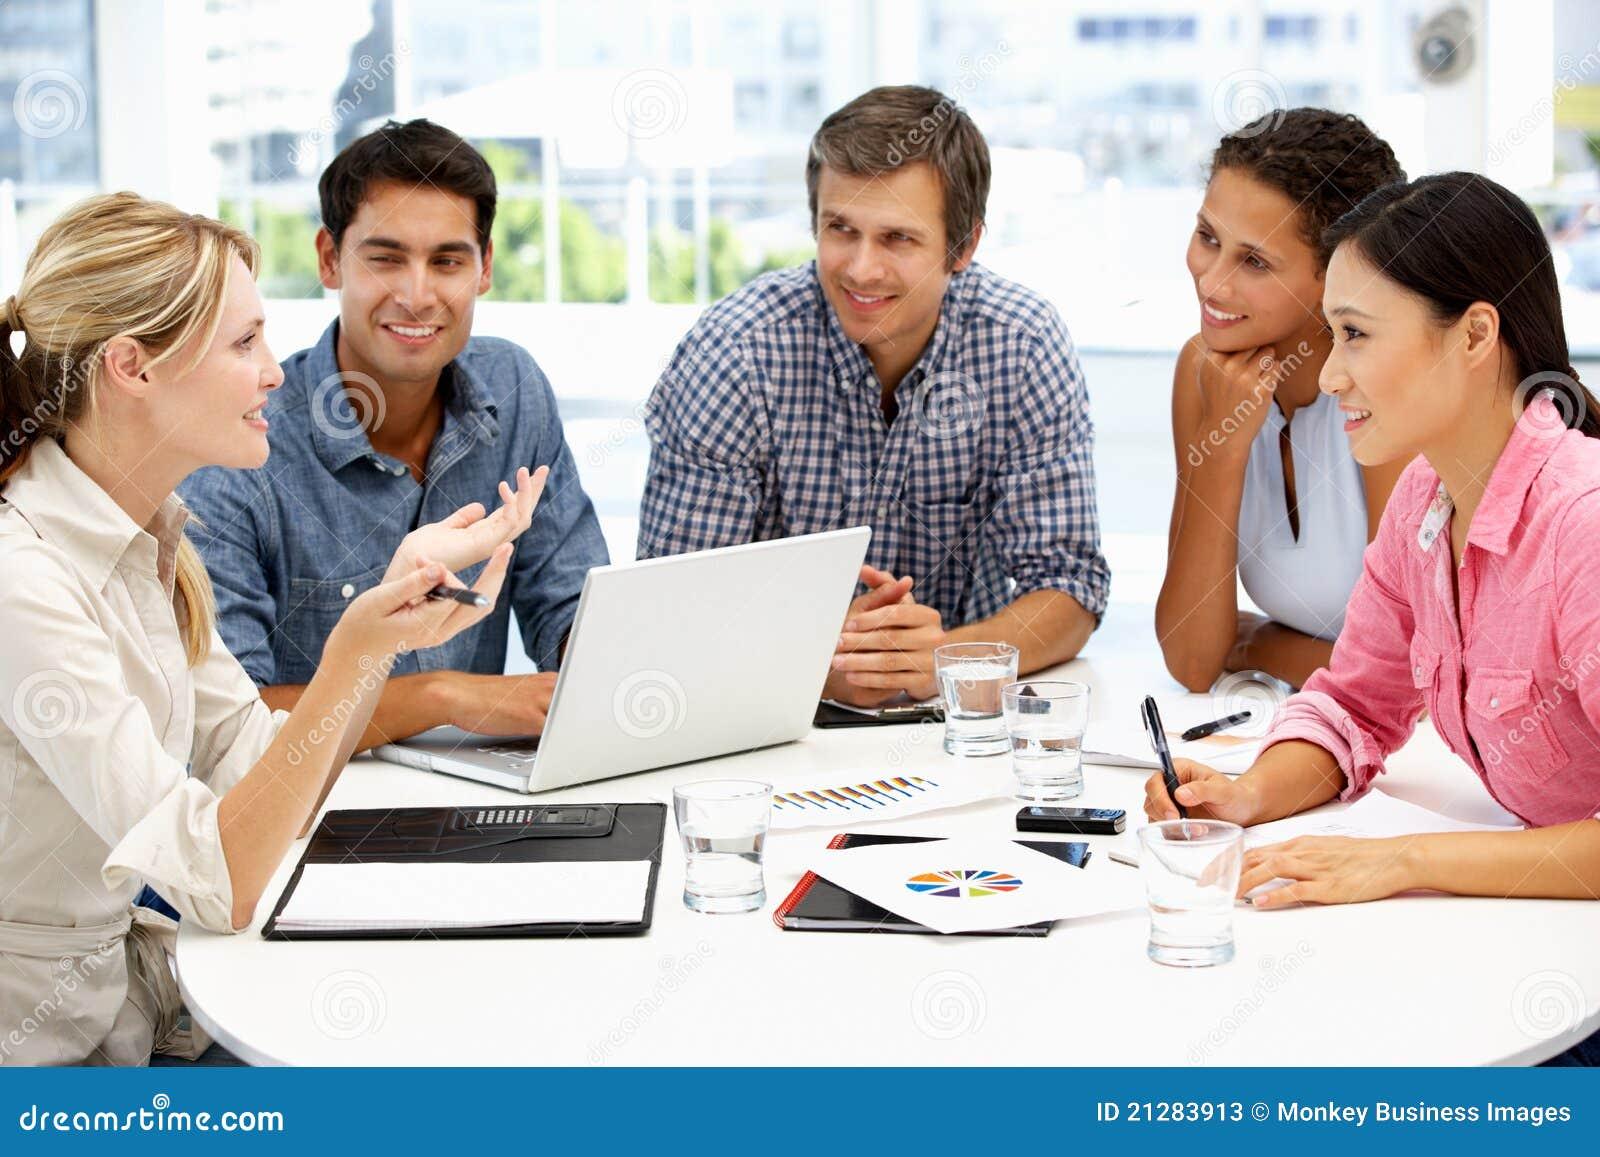 Blandad grupp runt om tabellen i affärsmöte